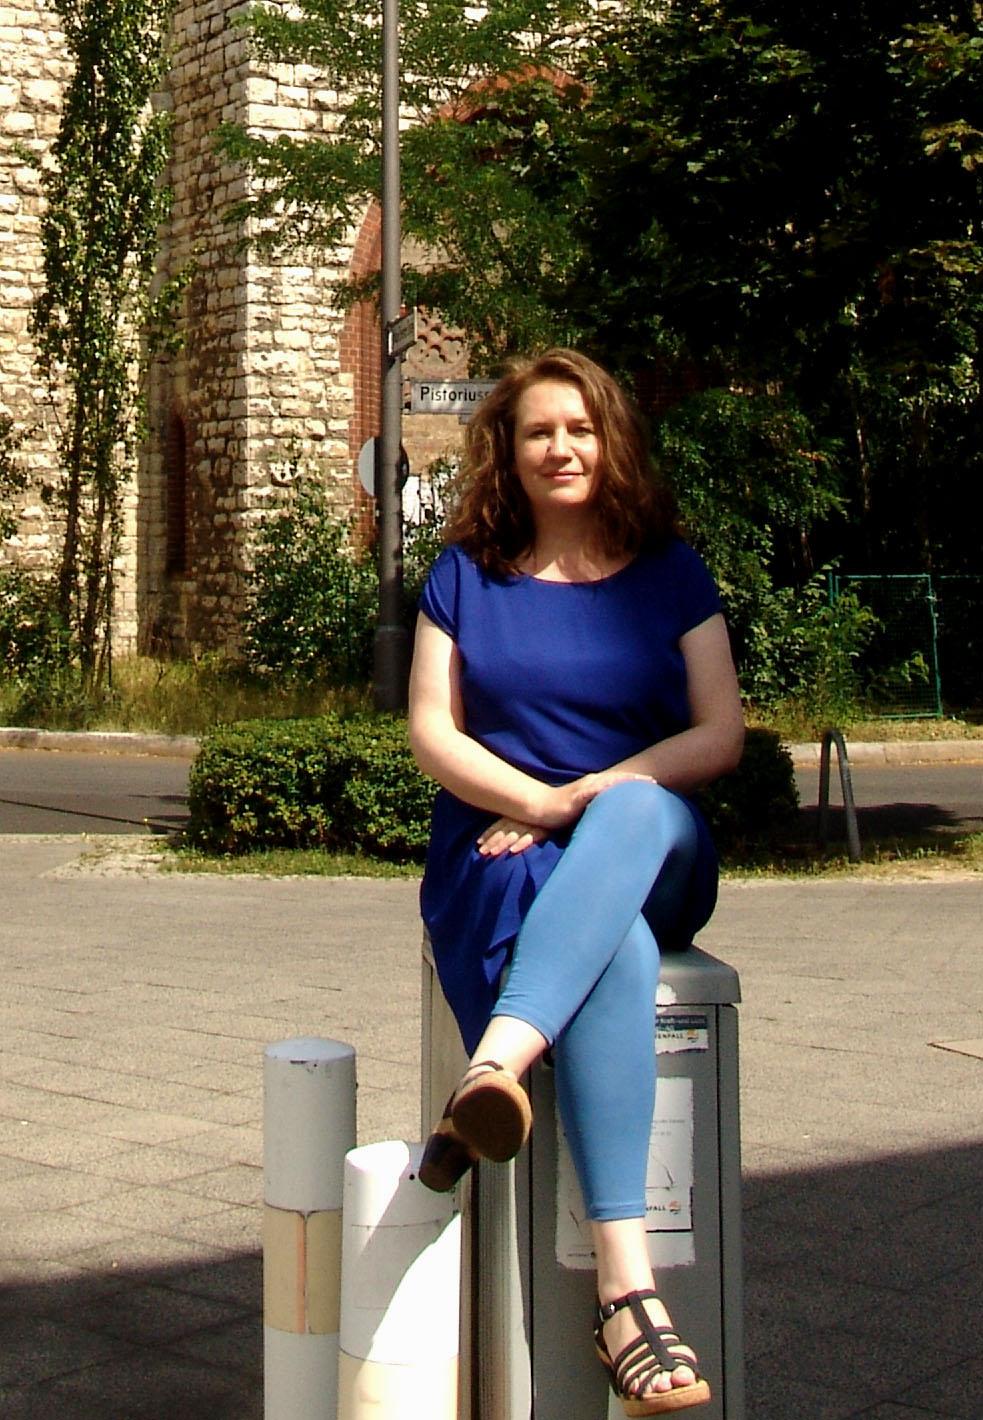 Wahlen 2016: Frollein fragt Frau Billig